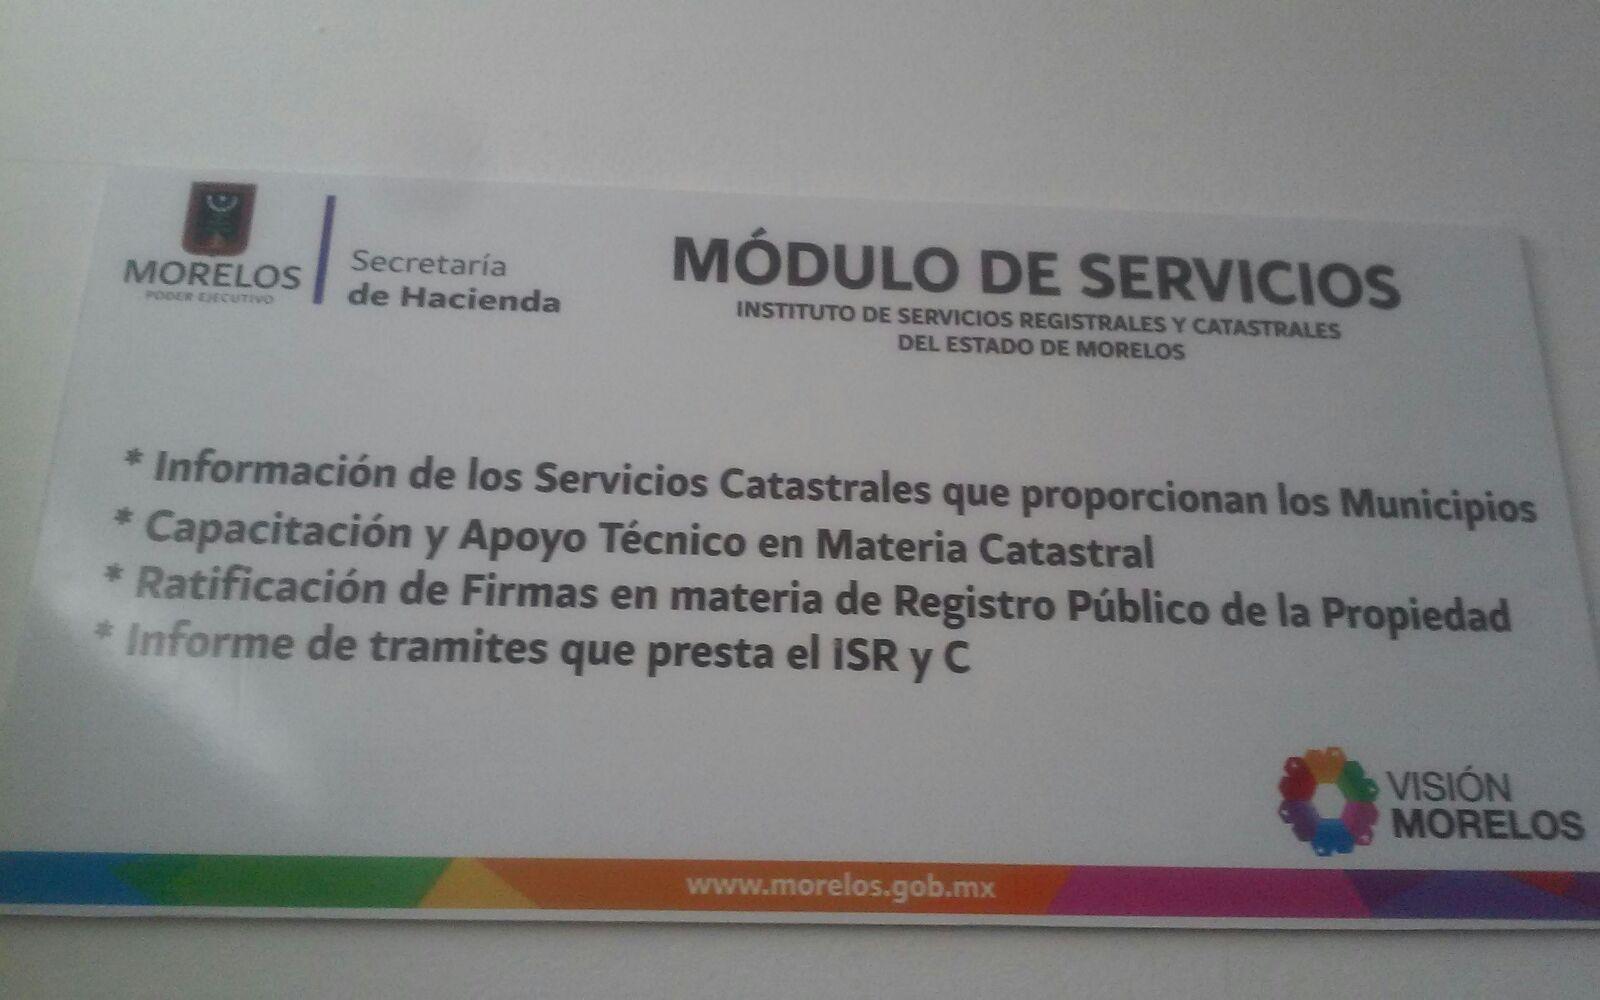 Nuevo Módulo De Atención Ciudadana En El Municipio De